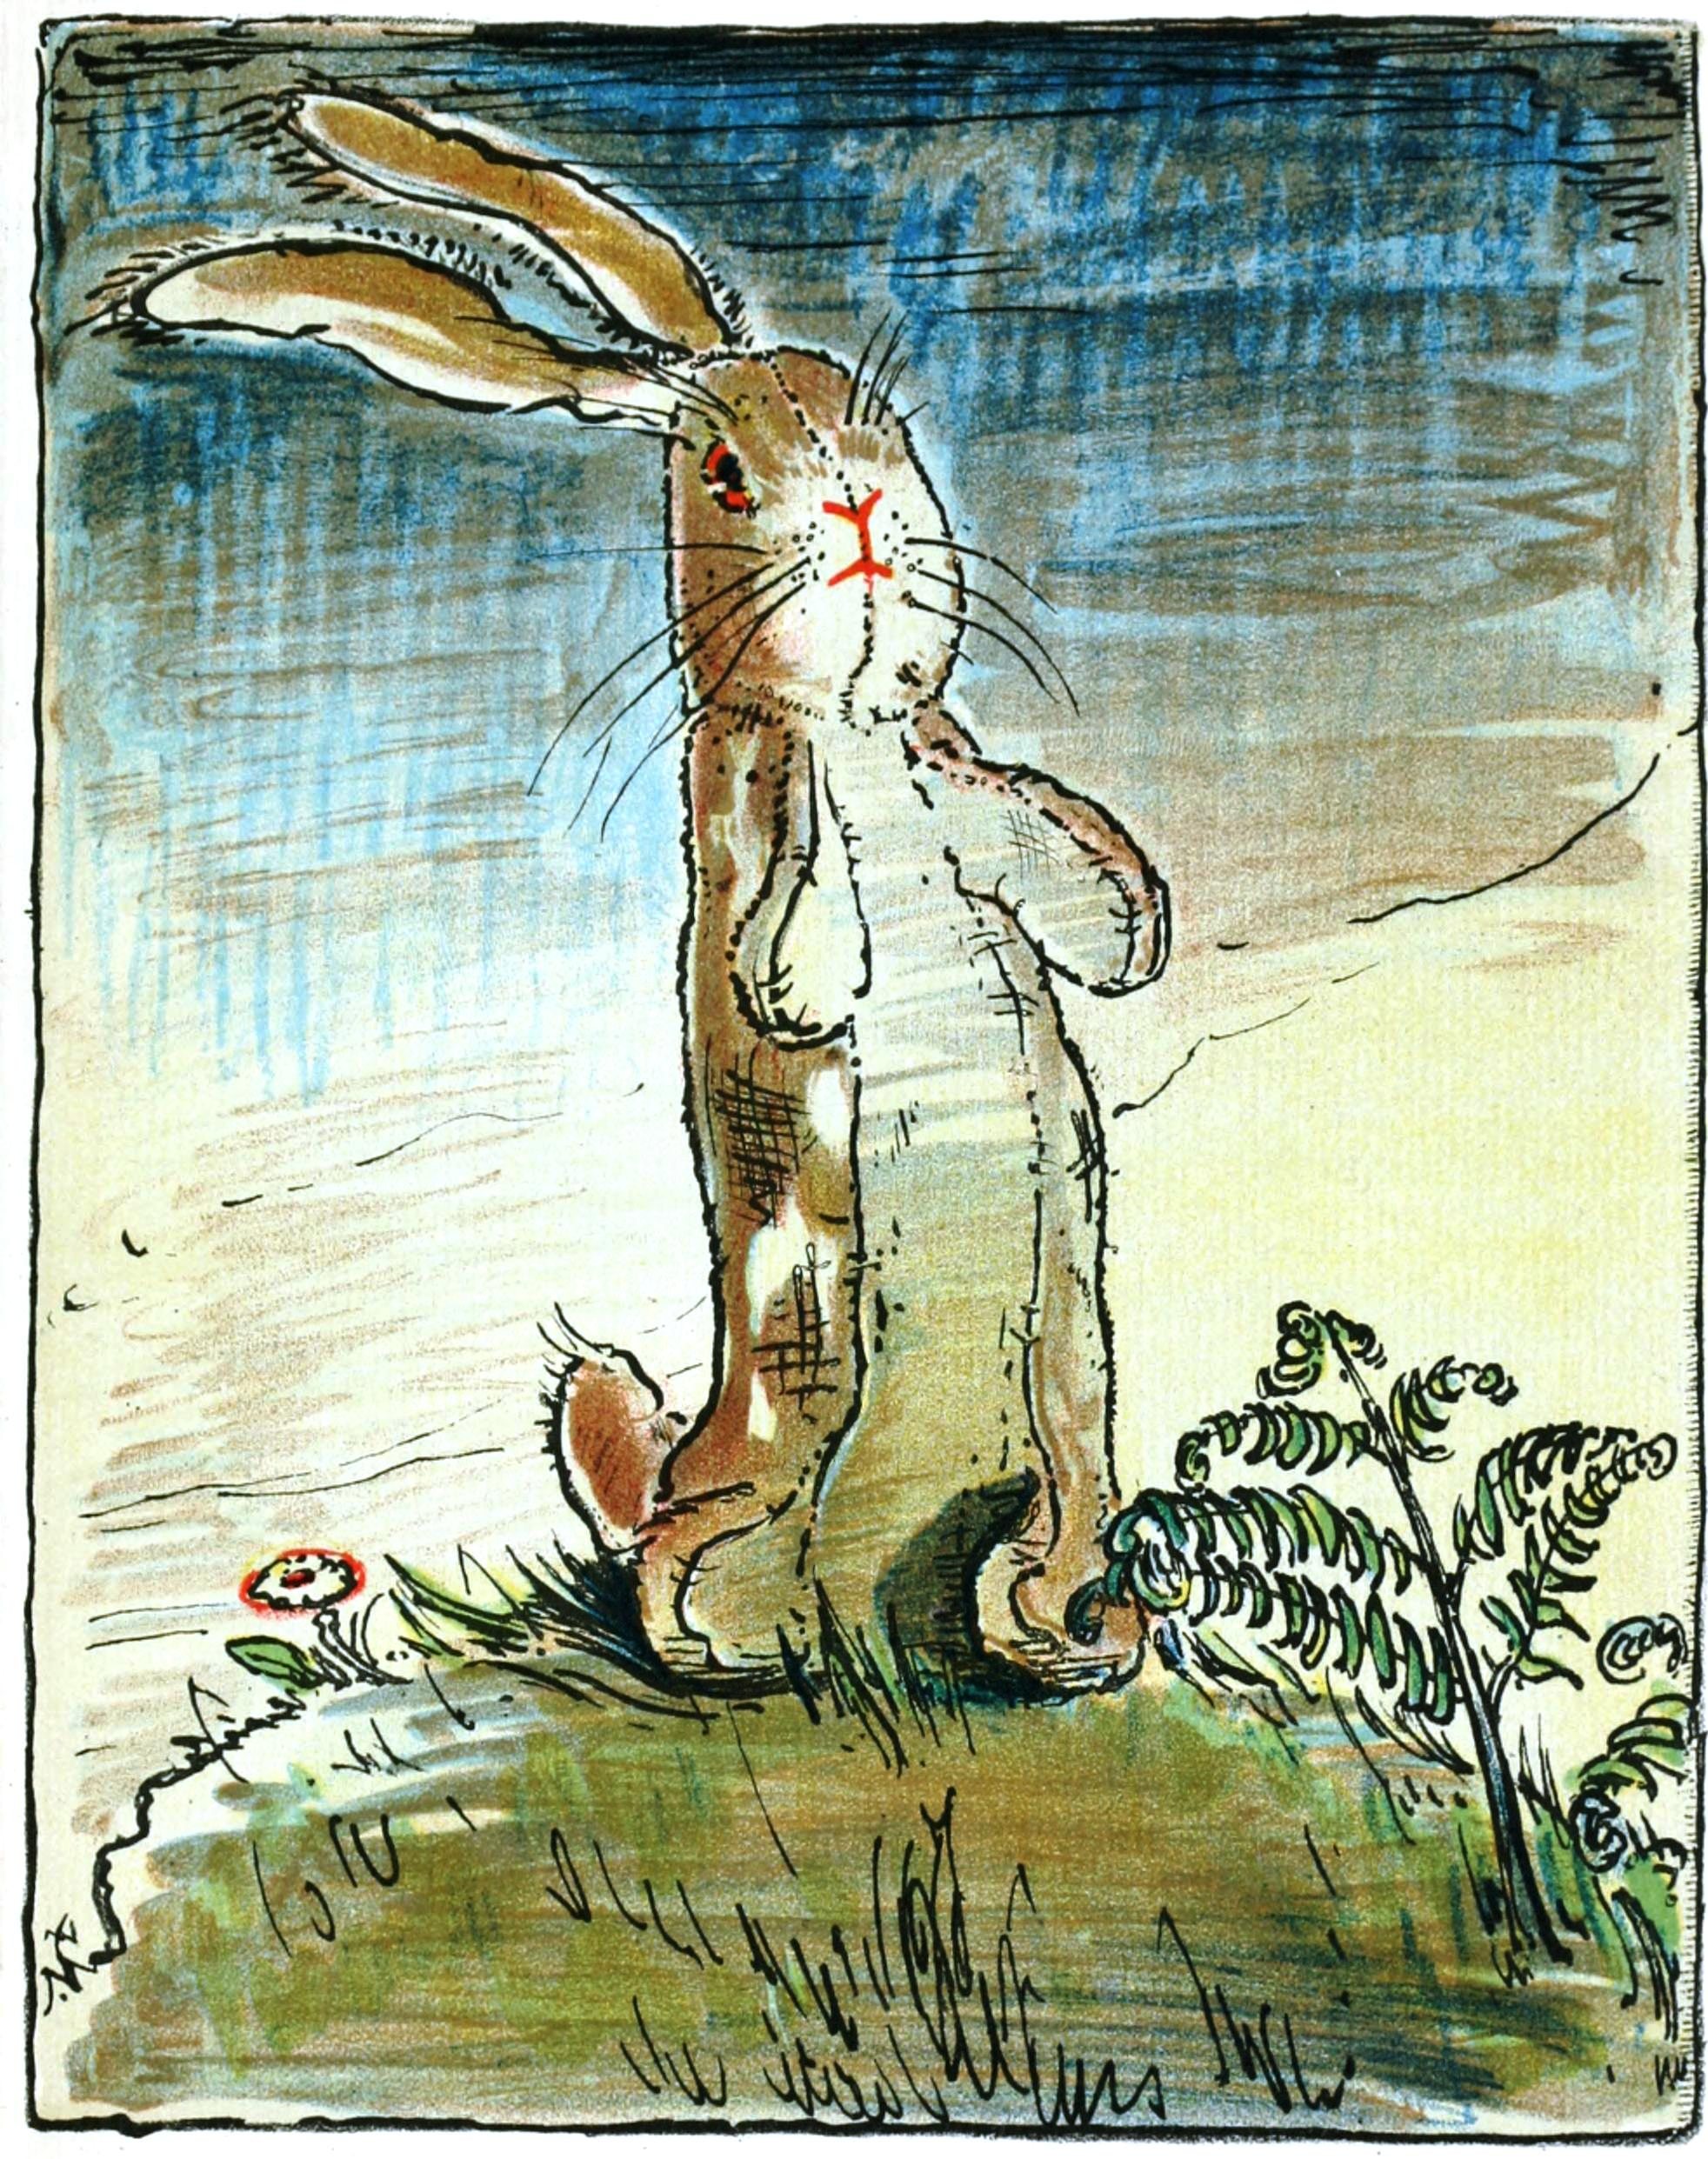 English: pg 25 of The Velveteen Rabbit.